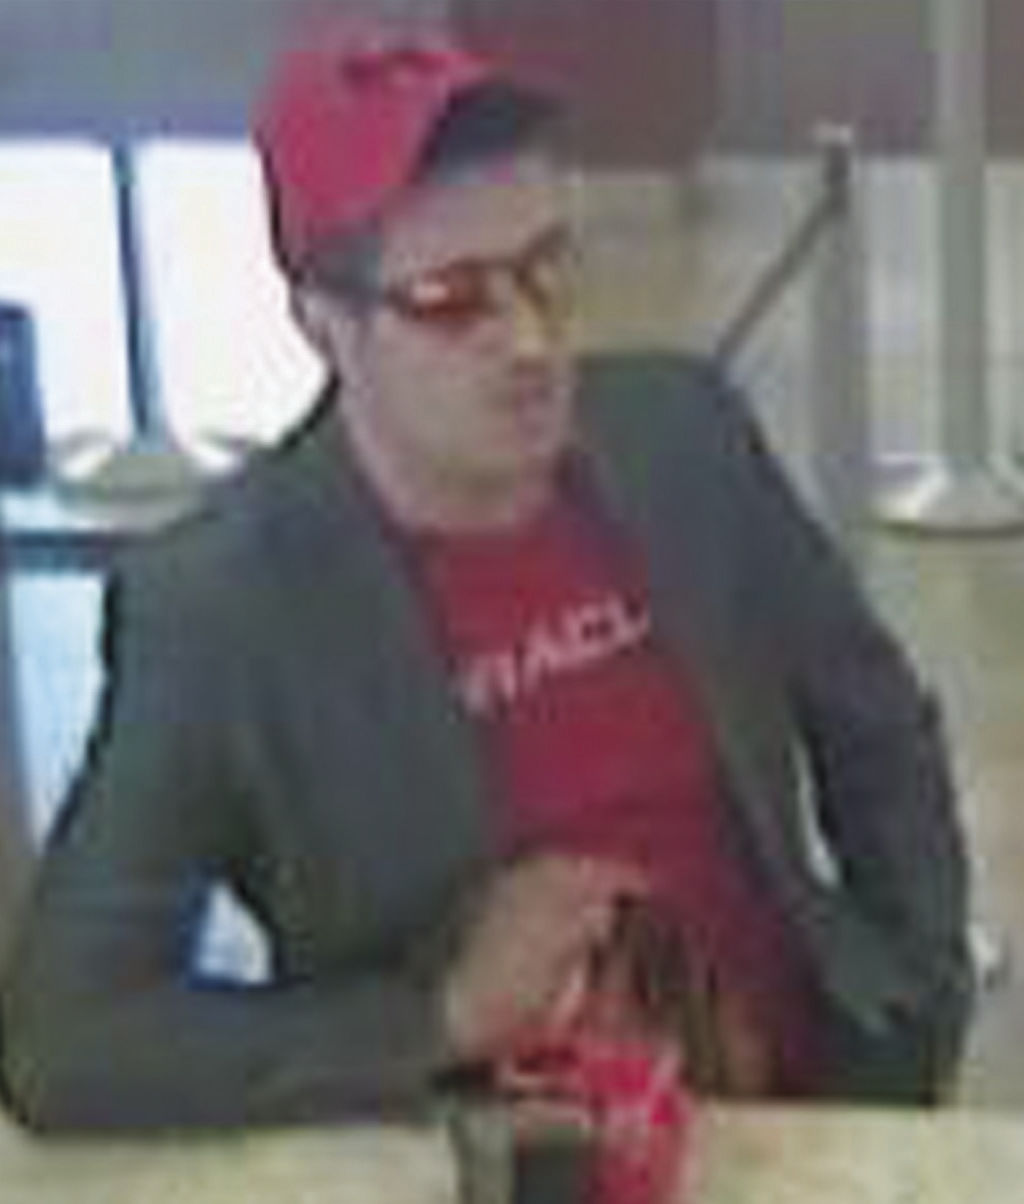 Robbery suspect in Victoria